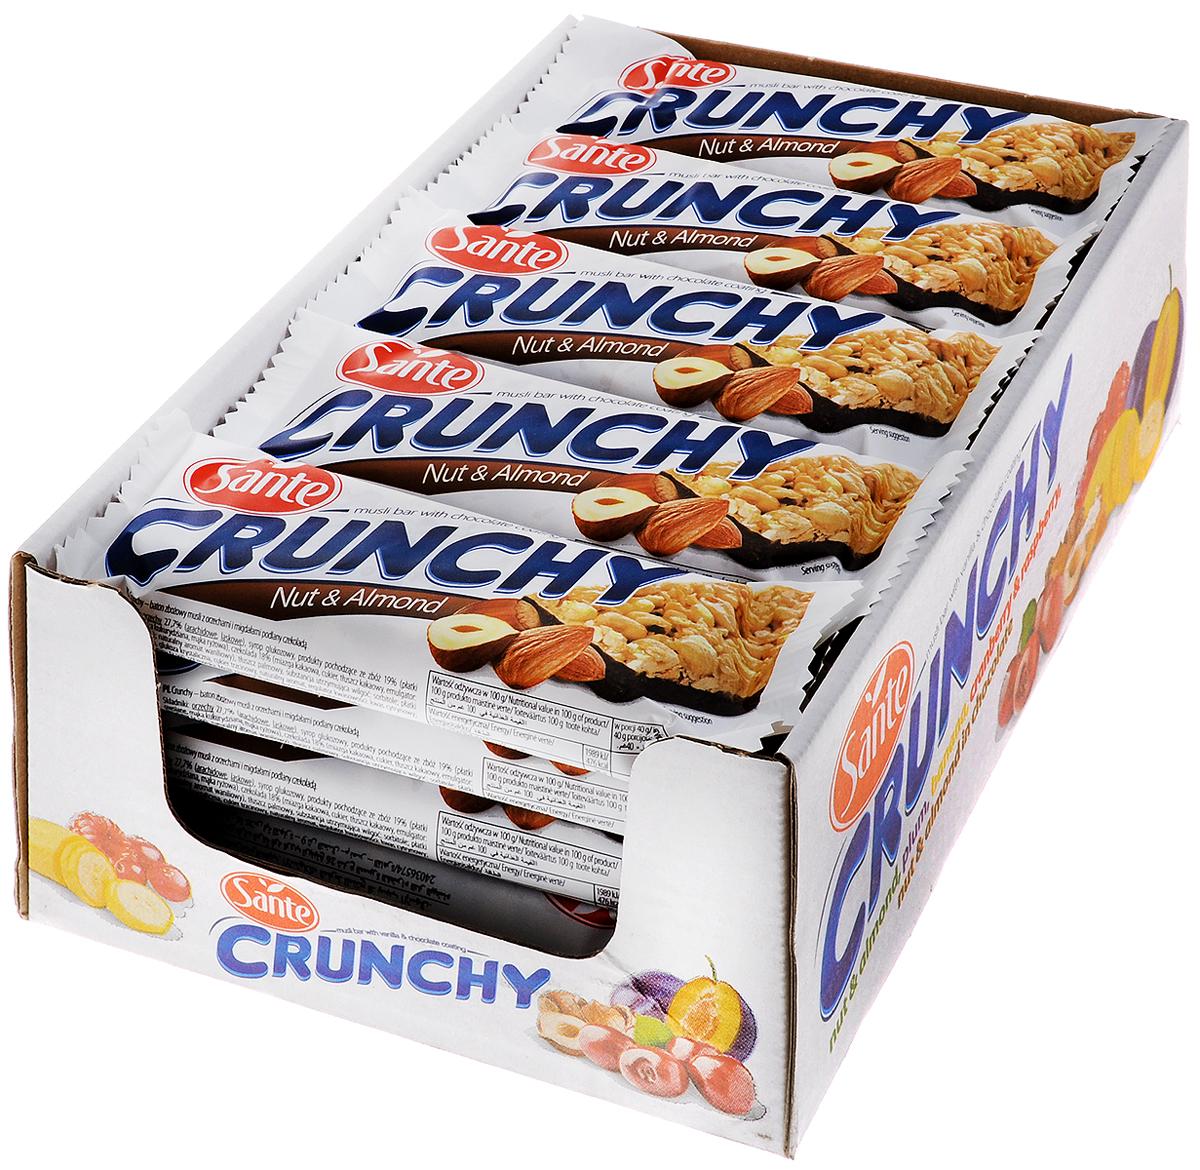 Sante Crunchy батончикмюслисорехамииминдалем в шоколаде,40г (25 шт)5900617015730БатончикмюслиSante Crunchy имеет высокую питательную ценность и прекрасные вкусовые качества. Батончики являются прекрасной альтернативой высококалорийным шоколадным батончикам.